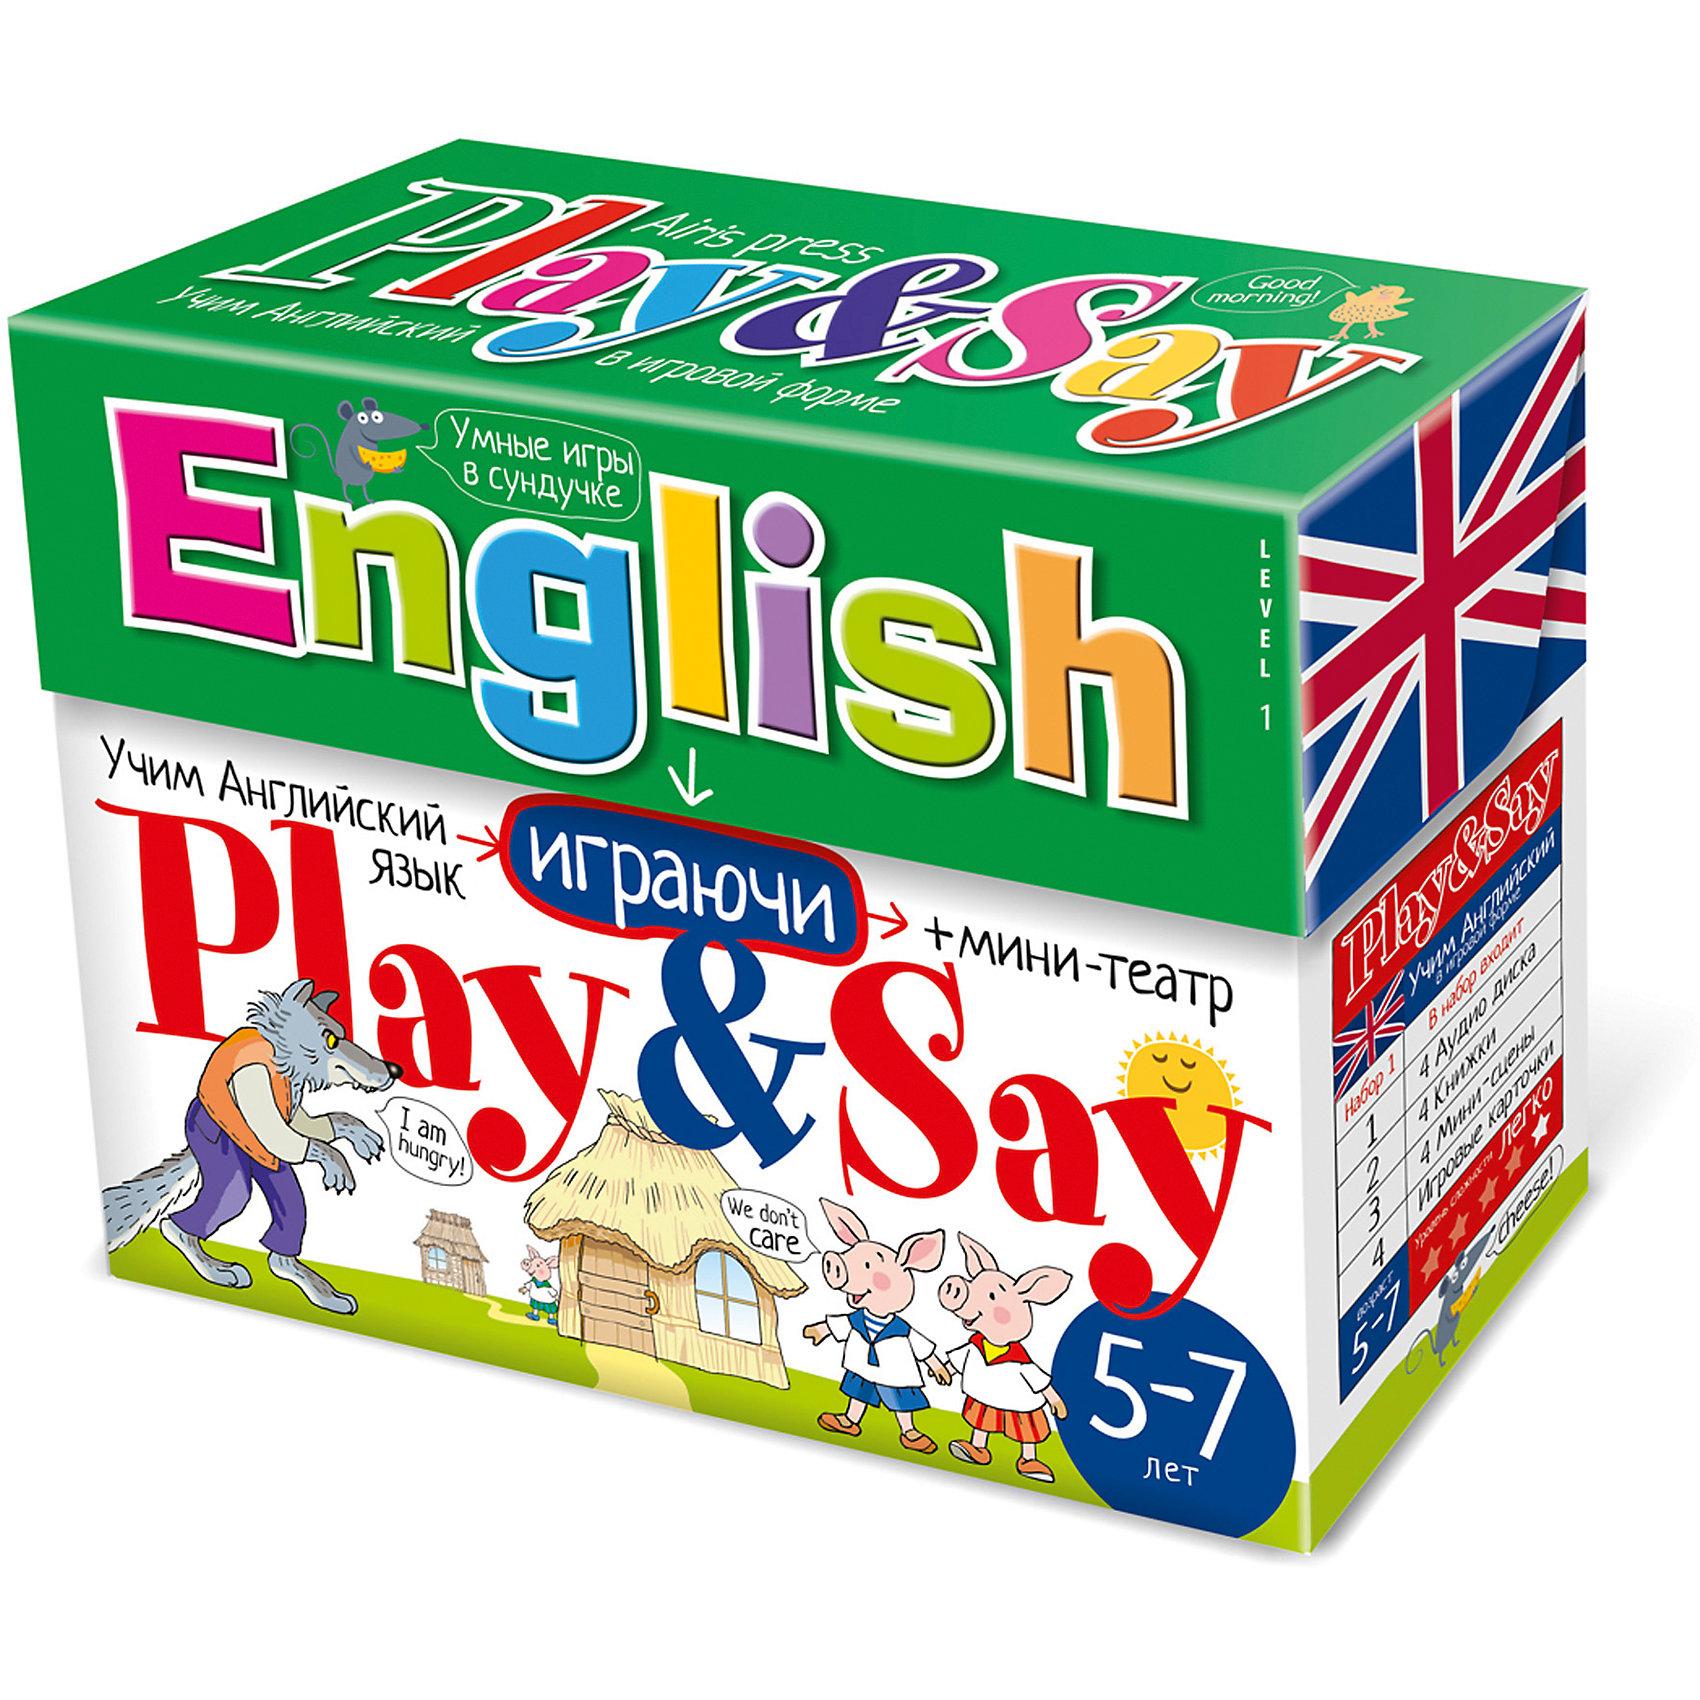 Учим английский язык Play&amp;Say, уровень 1АЙРИС-пресс<br>Набор English: Play &amp; Say. Level 1 из серии «Умные игры в сундучке» поможет детям преодолеть языковой барьер и начать говорить по-английски. &#13;<br>В набор входят 4 книги со сказками, адаптированными специально для детей младшего школьного возраста («Три поросёнка», «Репка», «Теремок», «Кошка и мышка»). К сказкам прилагается компакт-диск, на котором представлены аудиозаписи сказок. Также в сундучке вы найдёте набор игровых карточек, разработанный таким образом, что ребёнок во время игры сможет с удовольствием и не заметно для себя выучить новые английские слова. В набор также входит объемный мини-театр с игровыми фигурками (4 мини-сцены + герои и предметы из сказок). Мини-театр позволит разыграть четыре спектакля по мотивам входящих в набор сказок.&#13;<br>Кроме того, в сундучке вы найдёте сборник с методическими рекомендациями, который поможет вам правильно организовать работу со всеми элементами набора.<br><br>Ширина мм: 65<br>Глубина мм: 220<br>Высота мм: 165<br>Вес г: 670<br>Возраст от месяцев: -2147483648<br>Возраст до месяцев: 2147483647<br>Пол: Унисекс<br>Возраст: Детский<br>SKU: 6849581